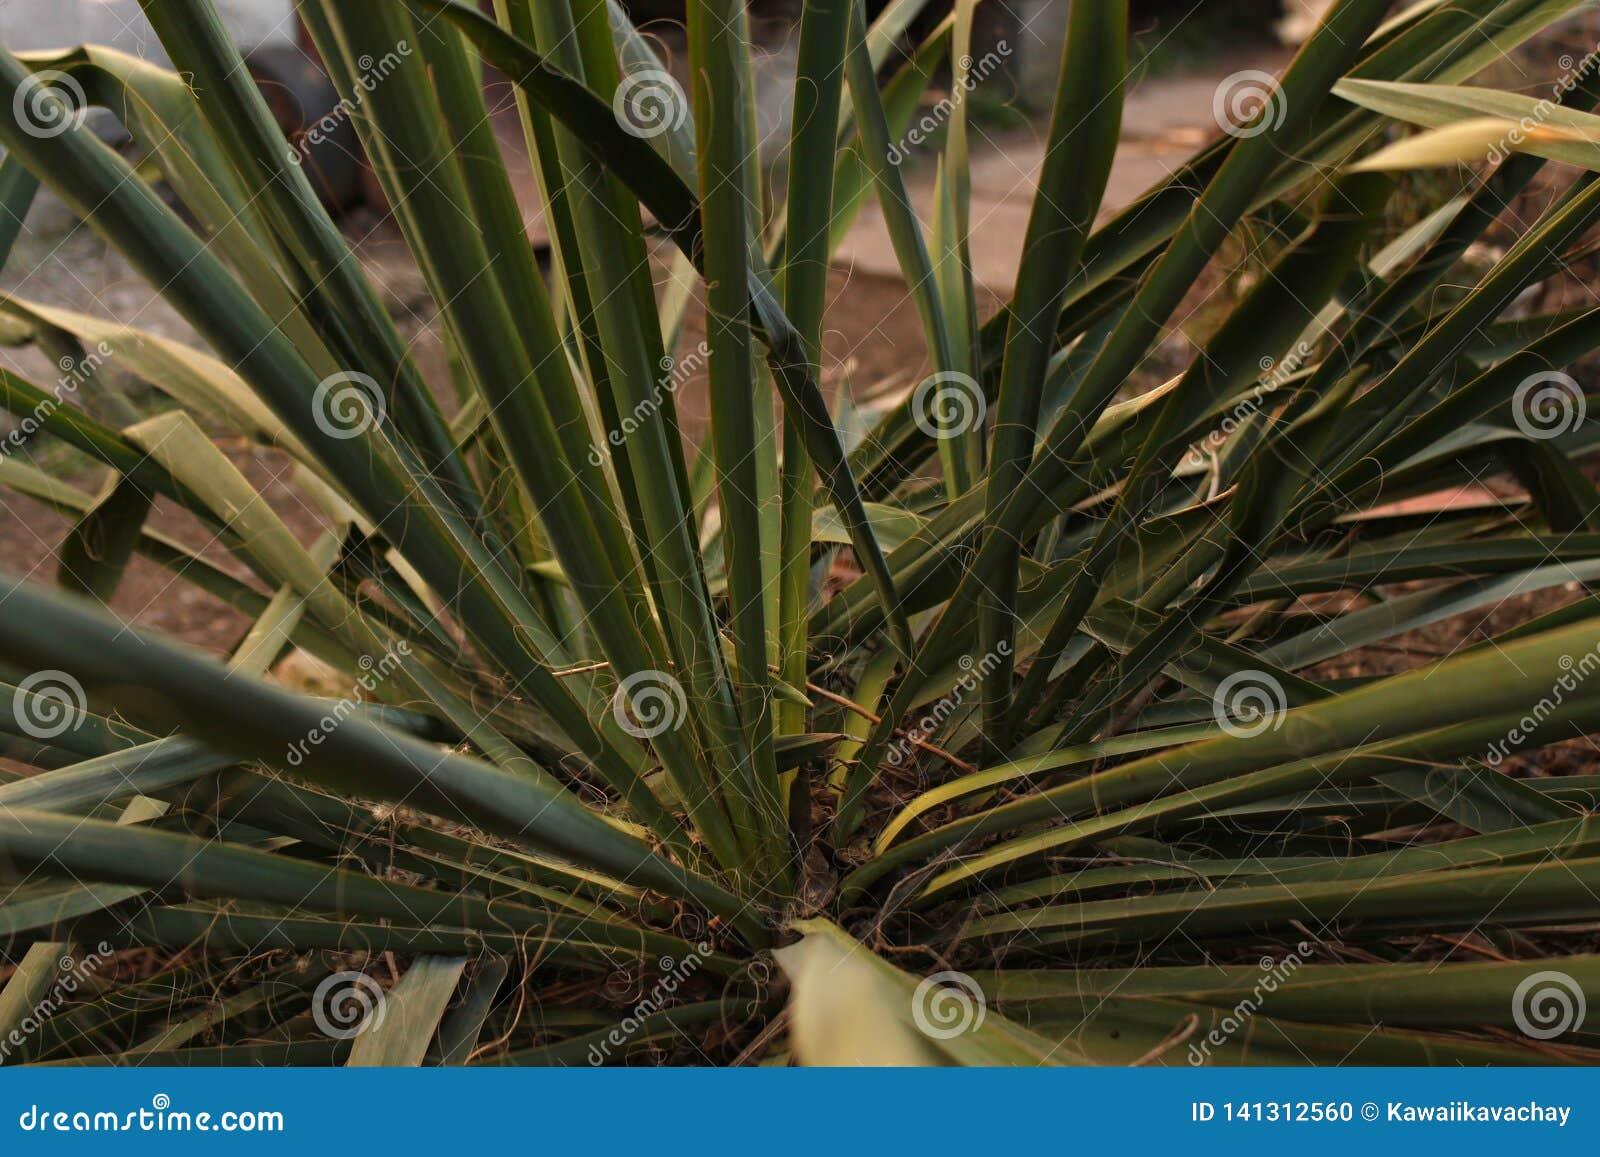 Τα πράσινα φύλλα φυτών Yucca αυξάνονται σε ένα κρεβάτι στο ναυπηγείο